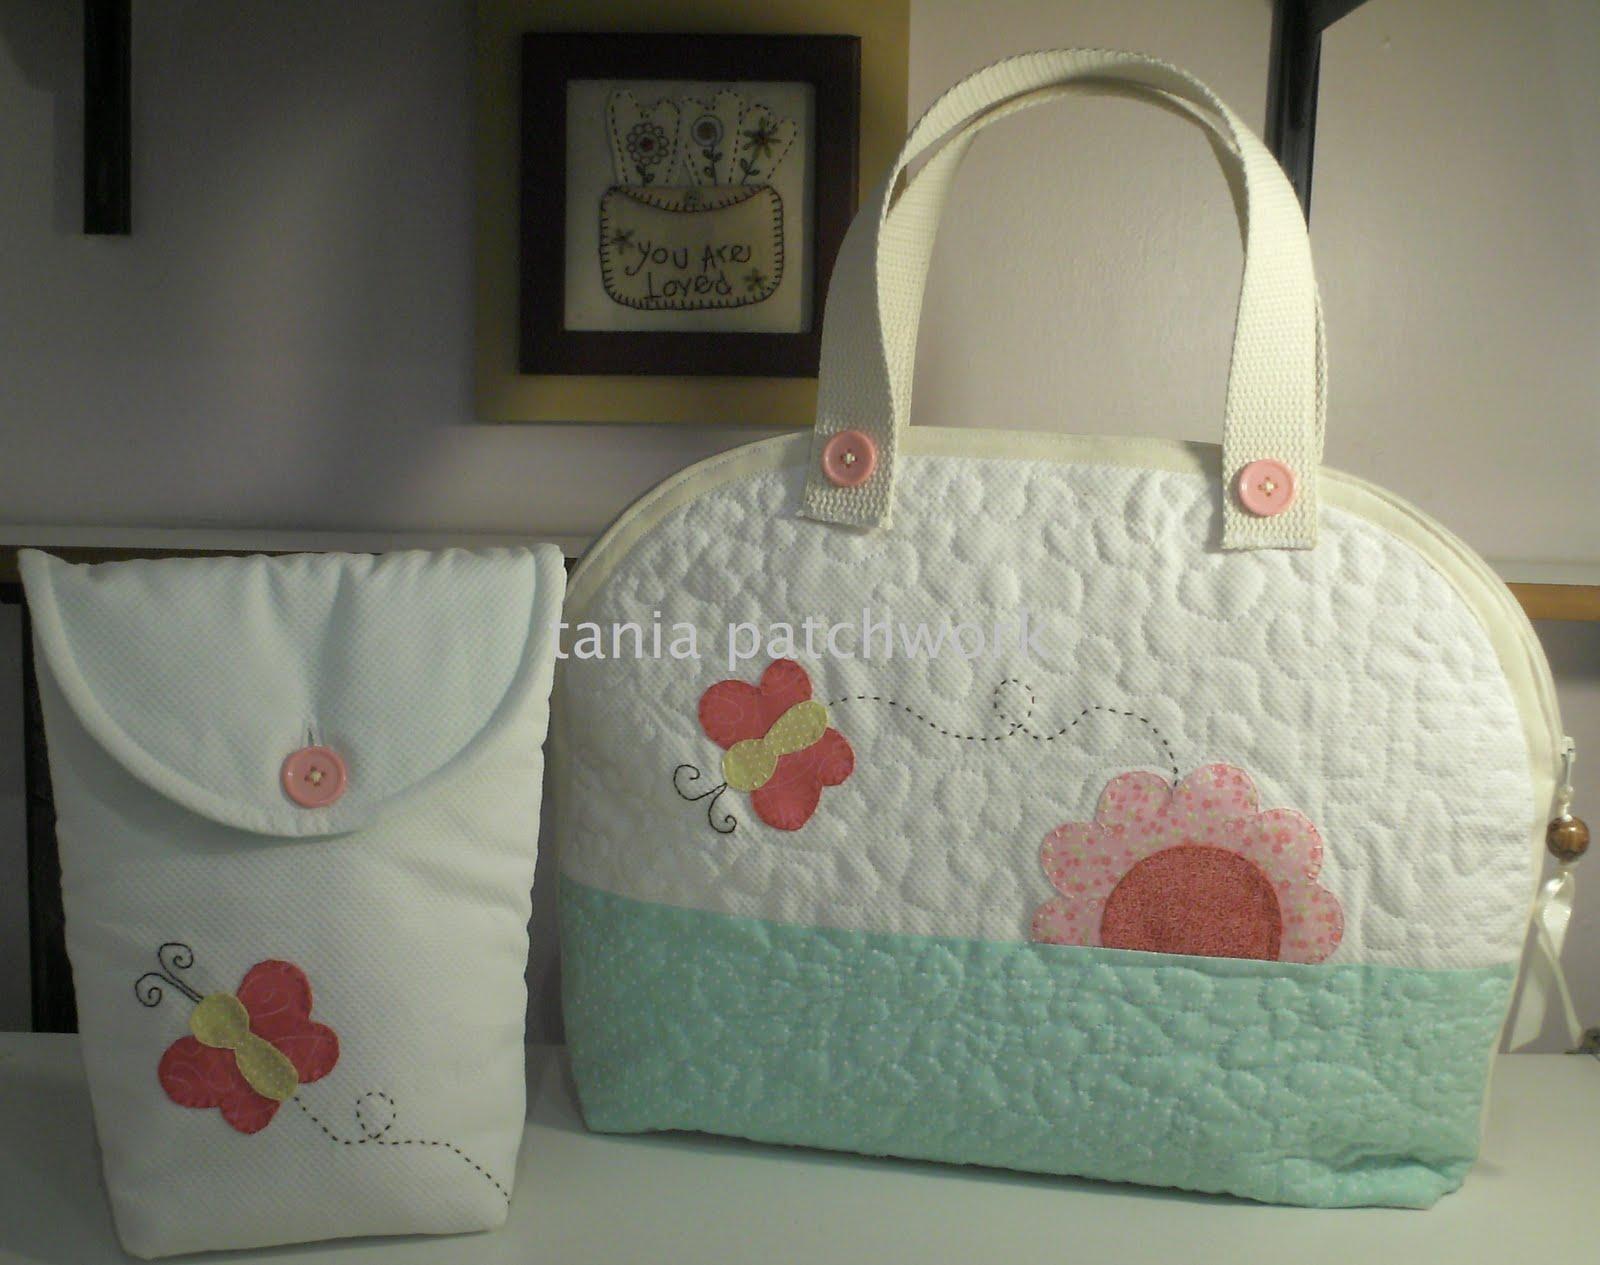 f950ac8d1 Encomenda da Vivian do Atelier Primeiro Quarto, em SP, Capital.... tecidos  nacionais e importados, aplicações à mão em ponto caseado reto.....quilt  livre à ...